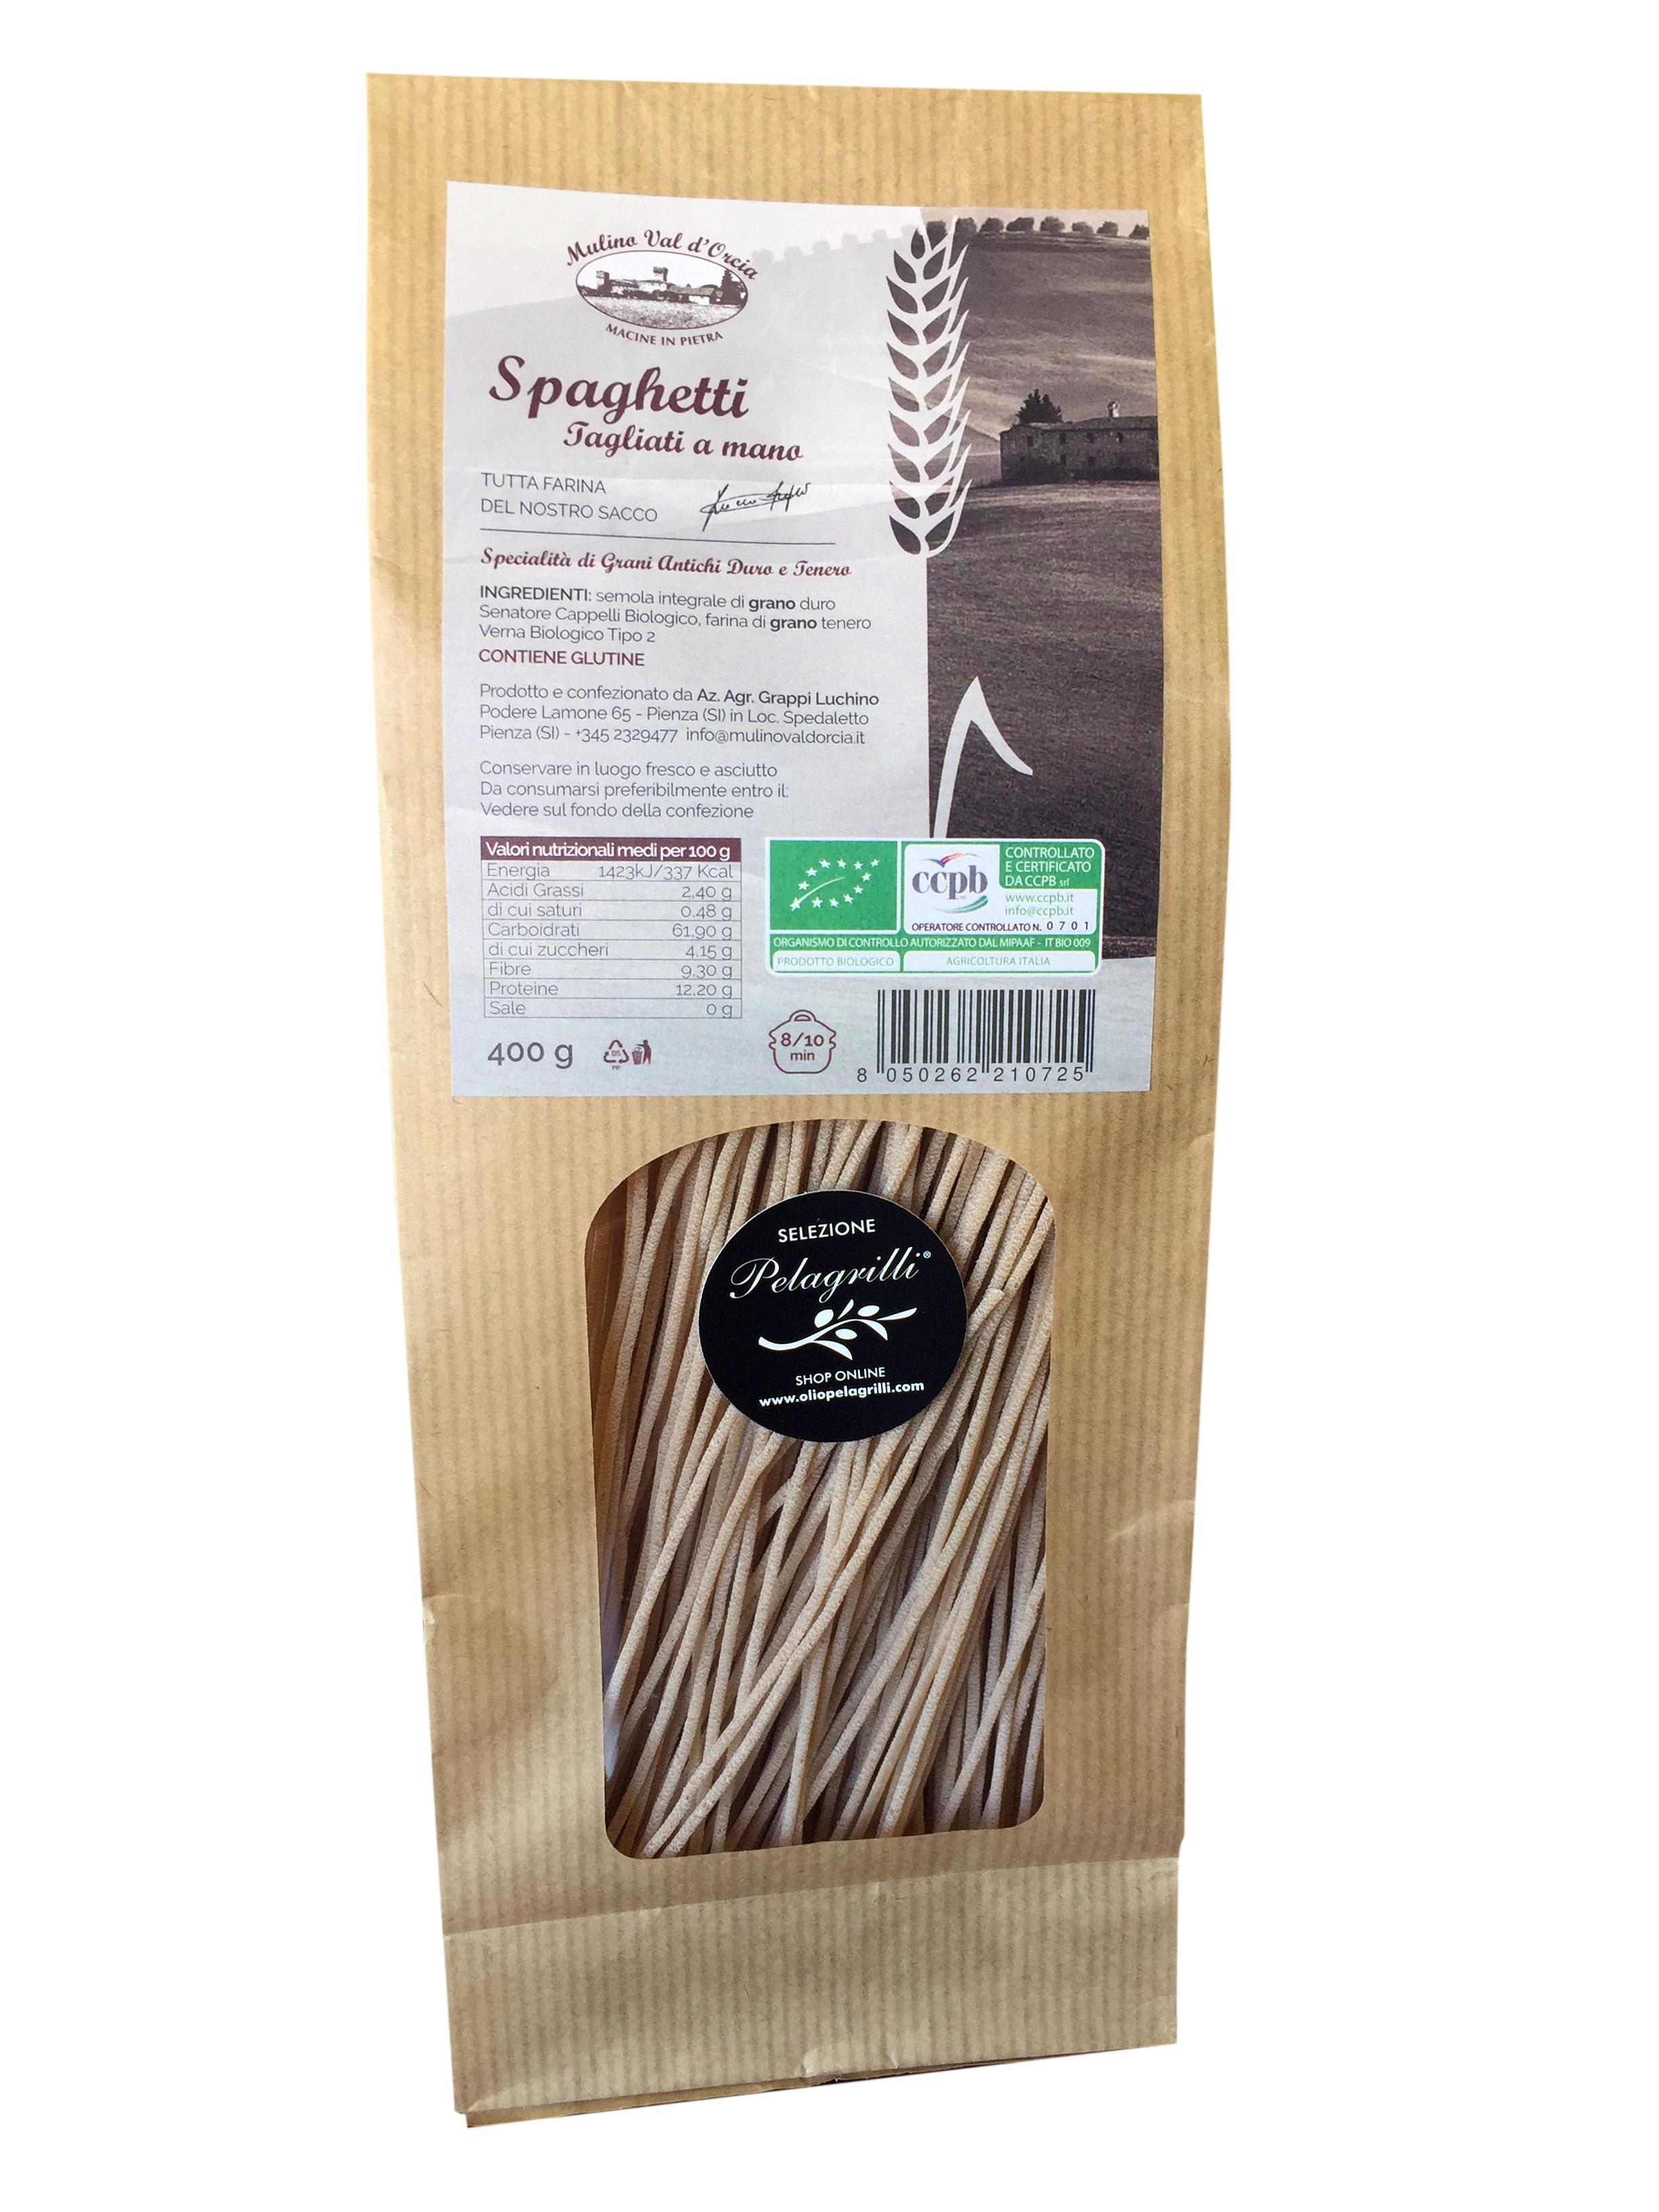 Spaghetti BIOLOGICI confezione da gr 400